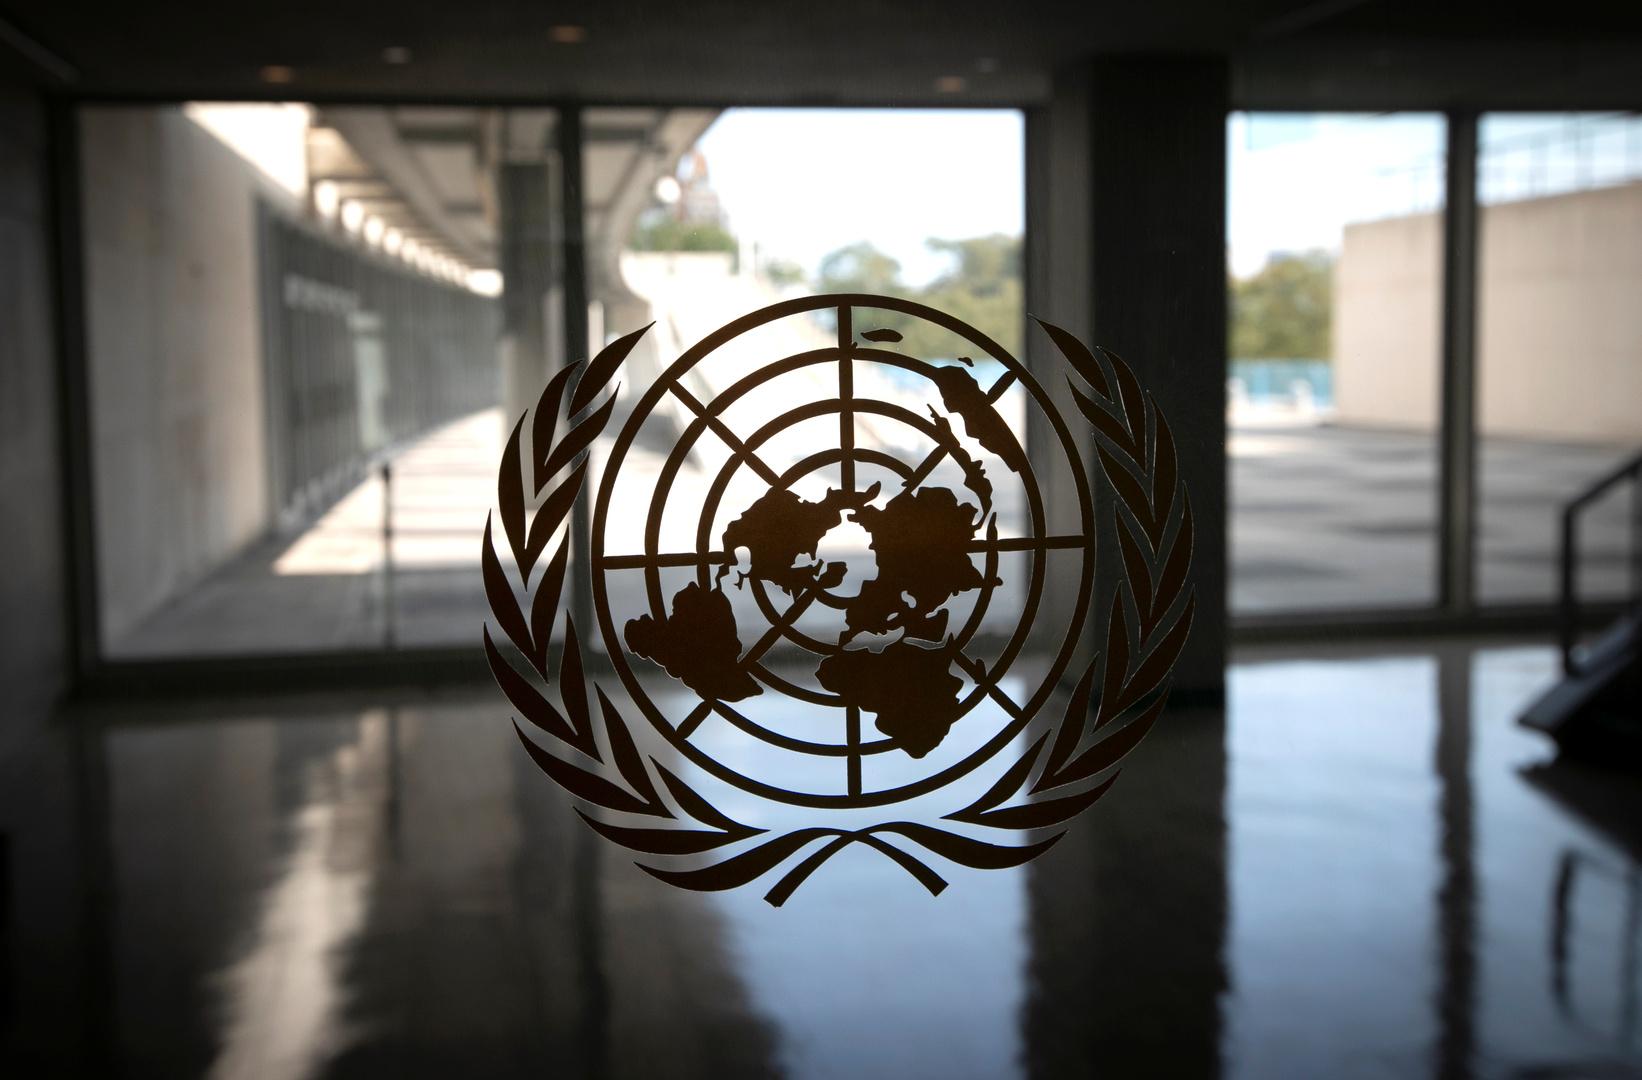 الأمم المتحدة تعقد قمة استثنائية الخميس لمواجهة كورونا